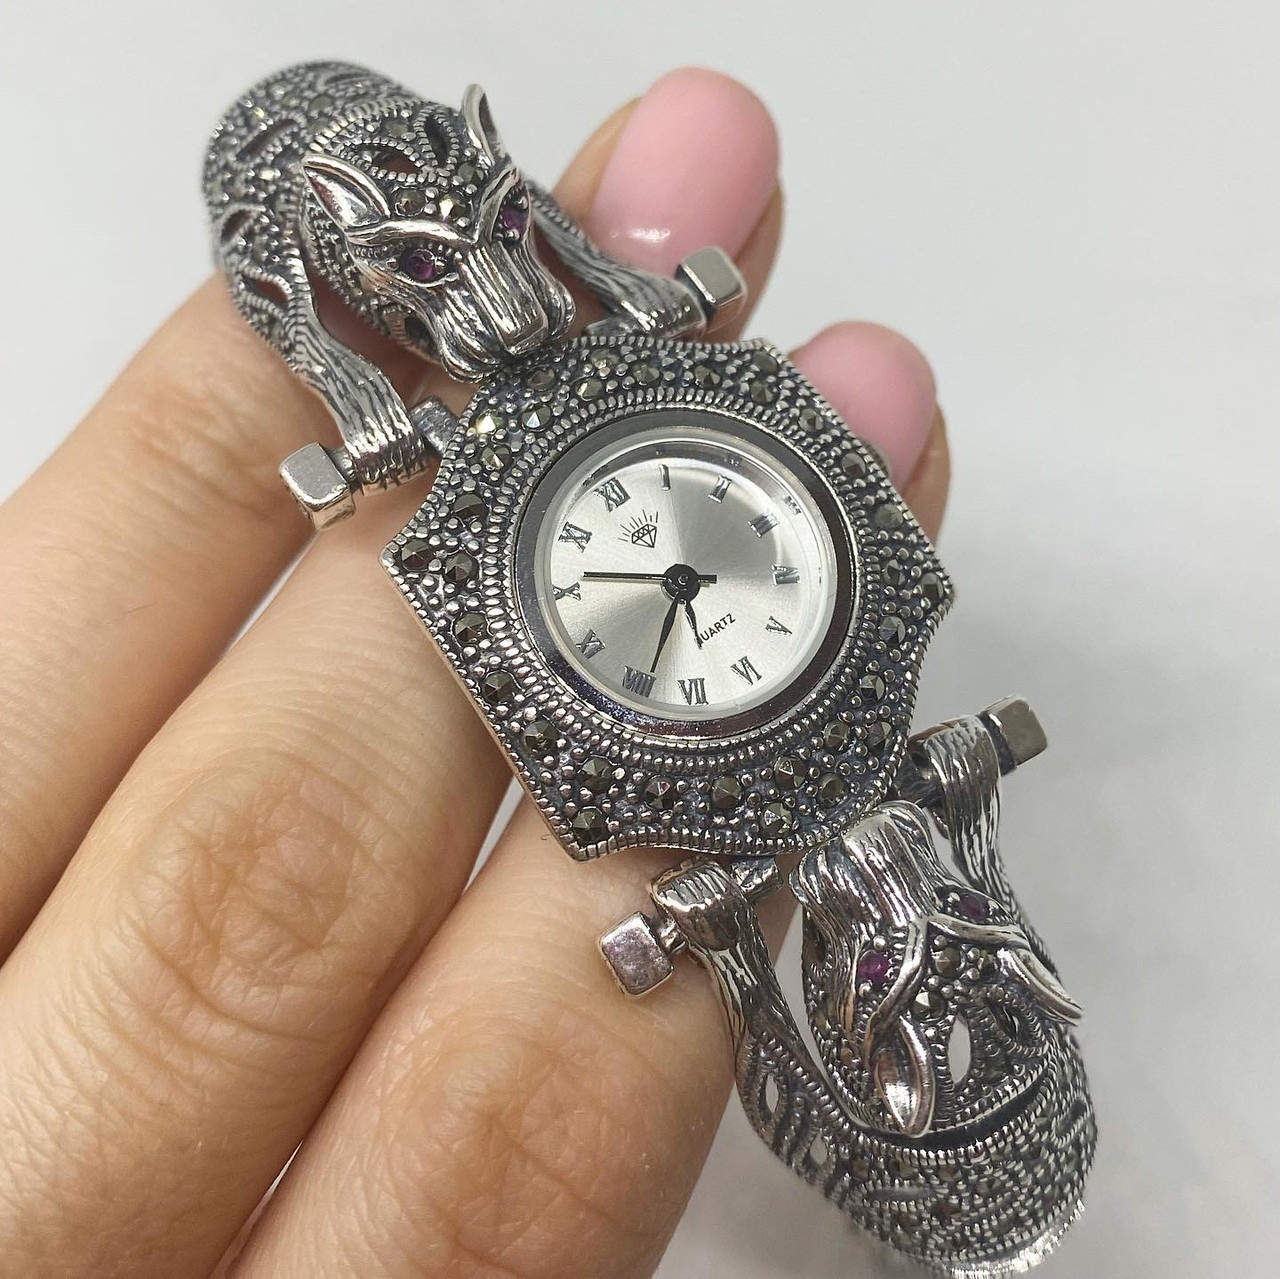 Часы из капельного серебра 925 Beauty Bar тигры с розовыми глазами и и камнями марказитами (Римские цифры)